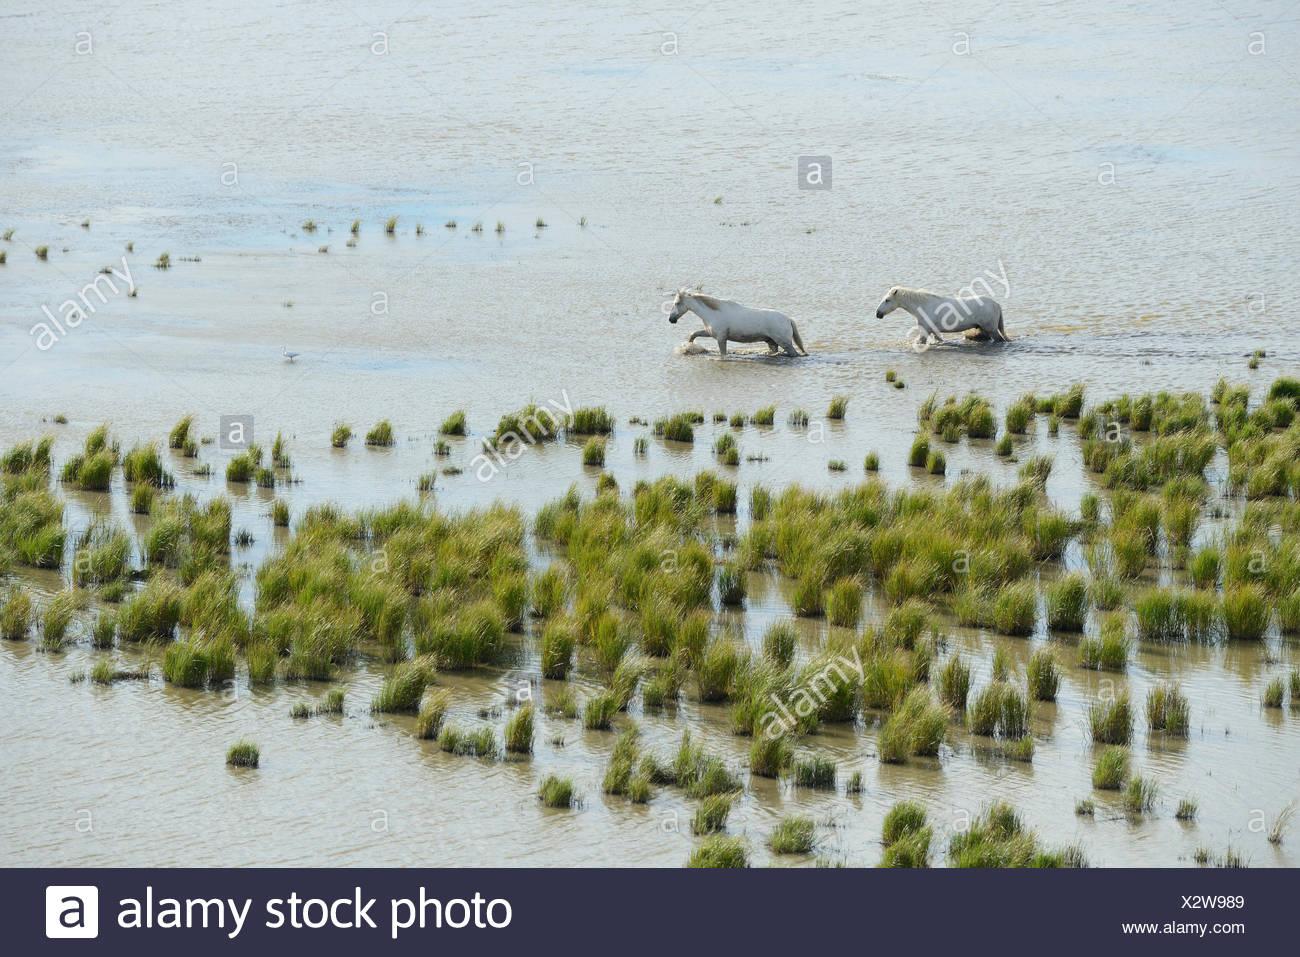 Europe, France, Languedoc- Roussillon, Camargue, wetland, white horses, grey horses, animal, horse, nature, wildlife, reserve, w - Stock Image